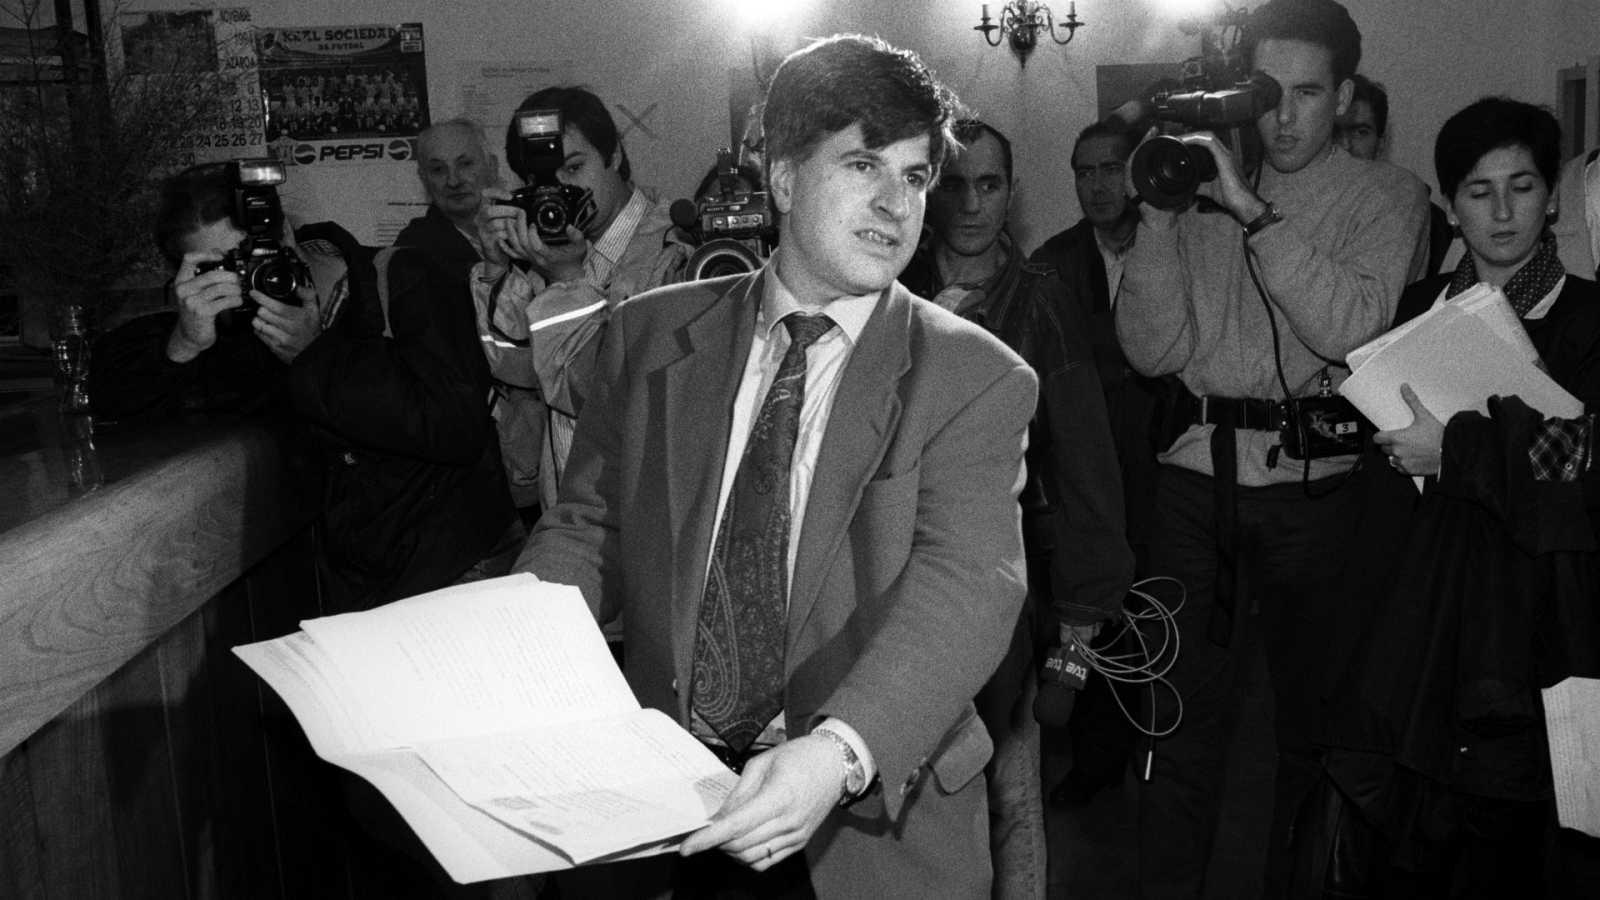 24 horas - En algún lugar del tiempo: 25 años del asesinato de Gregorio Ordóñez